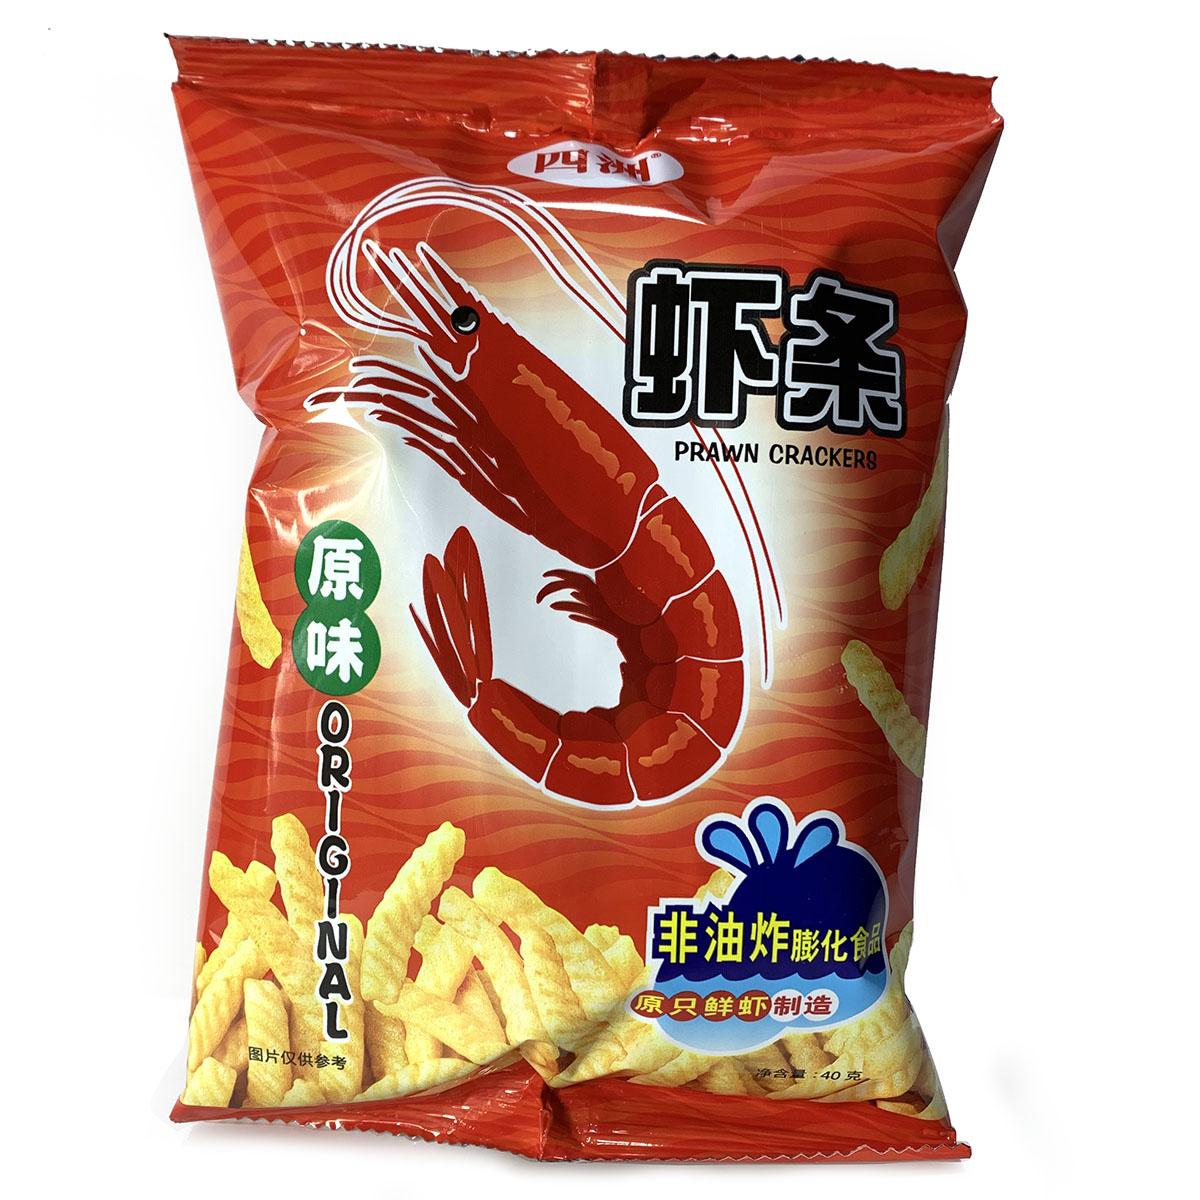 四洲原味虾条40克焙烤型膨化食品非油炸香脆虾片小吃零食新日期